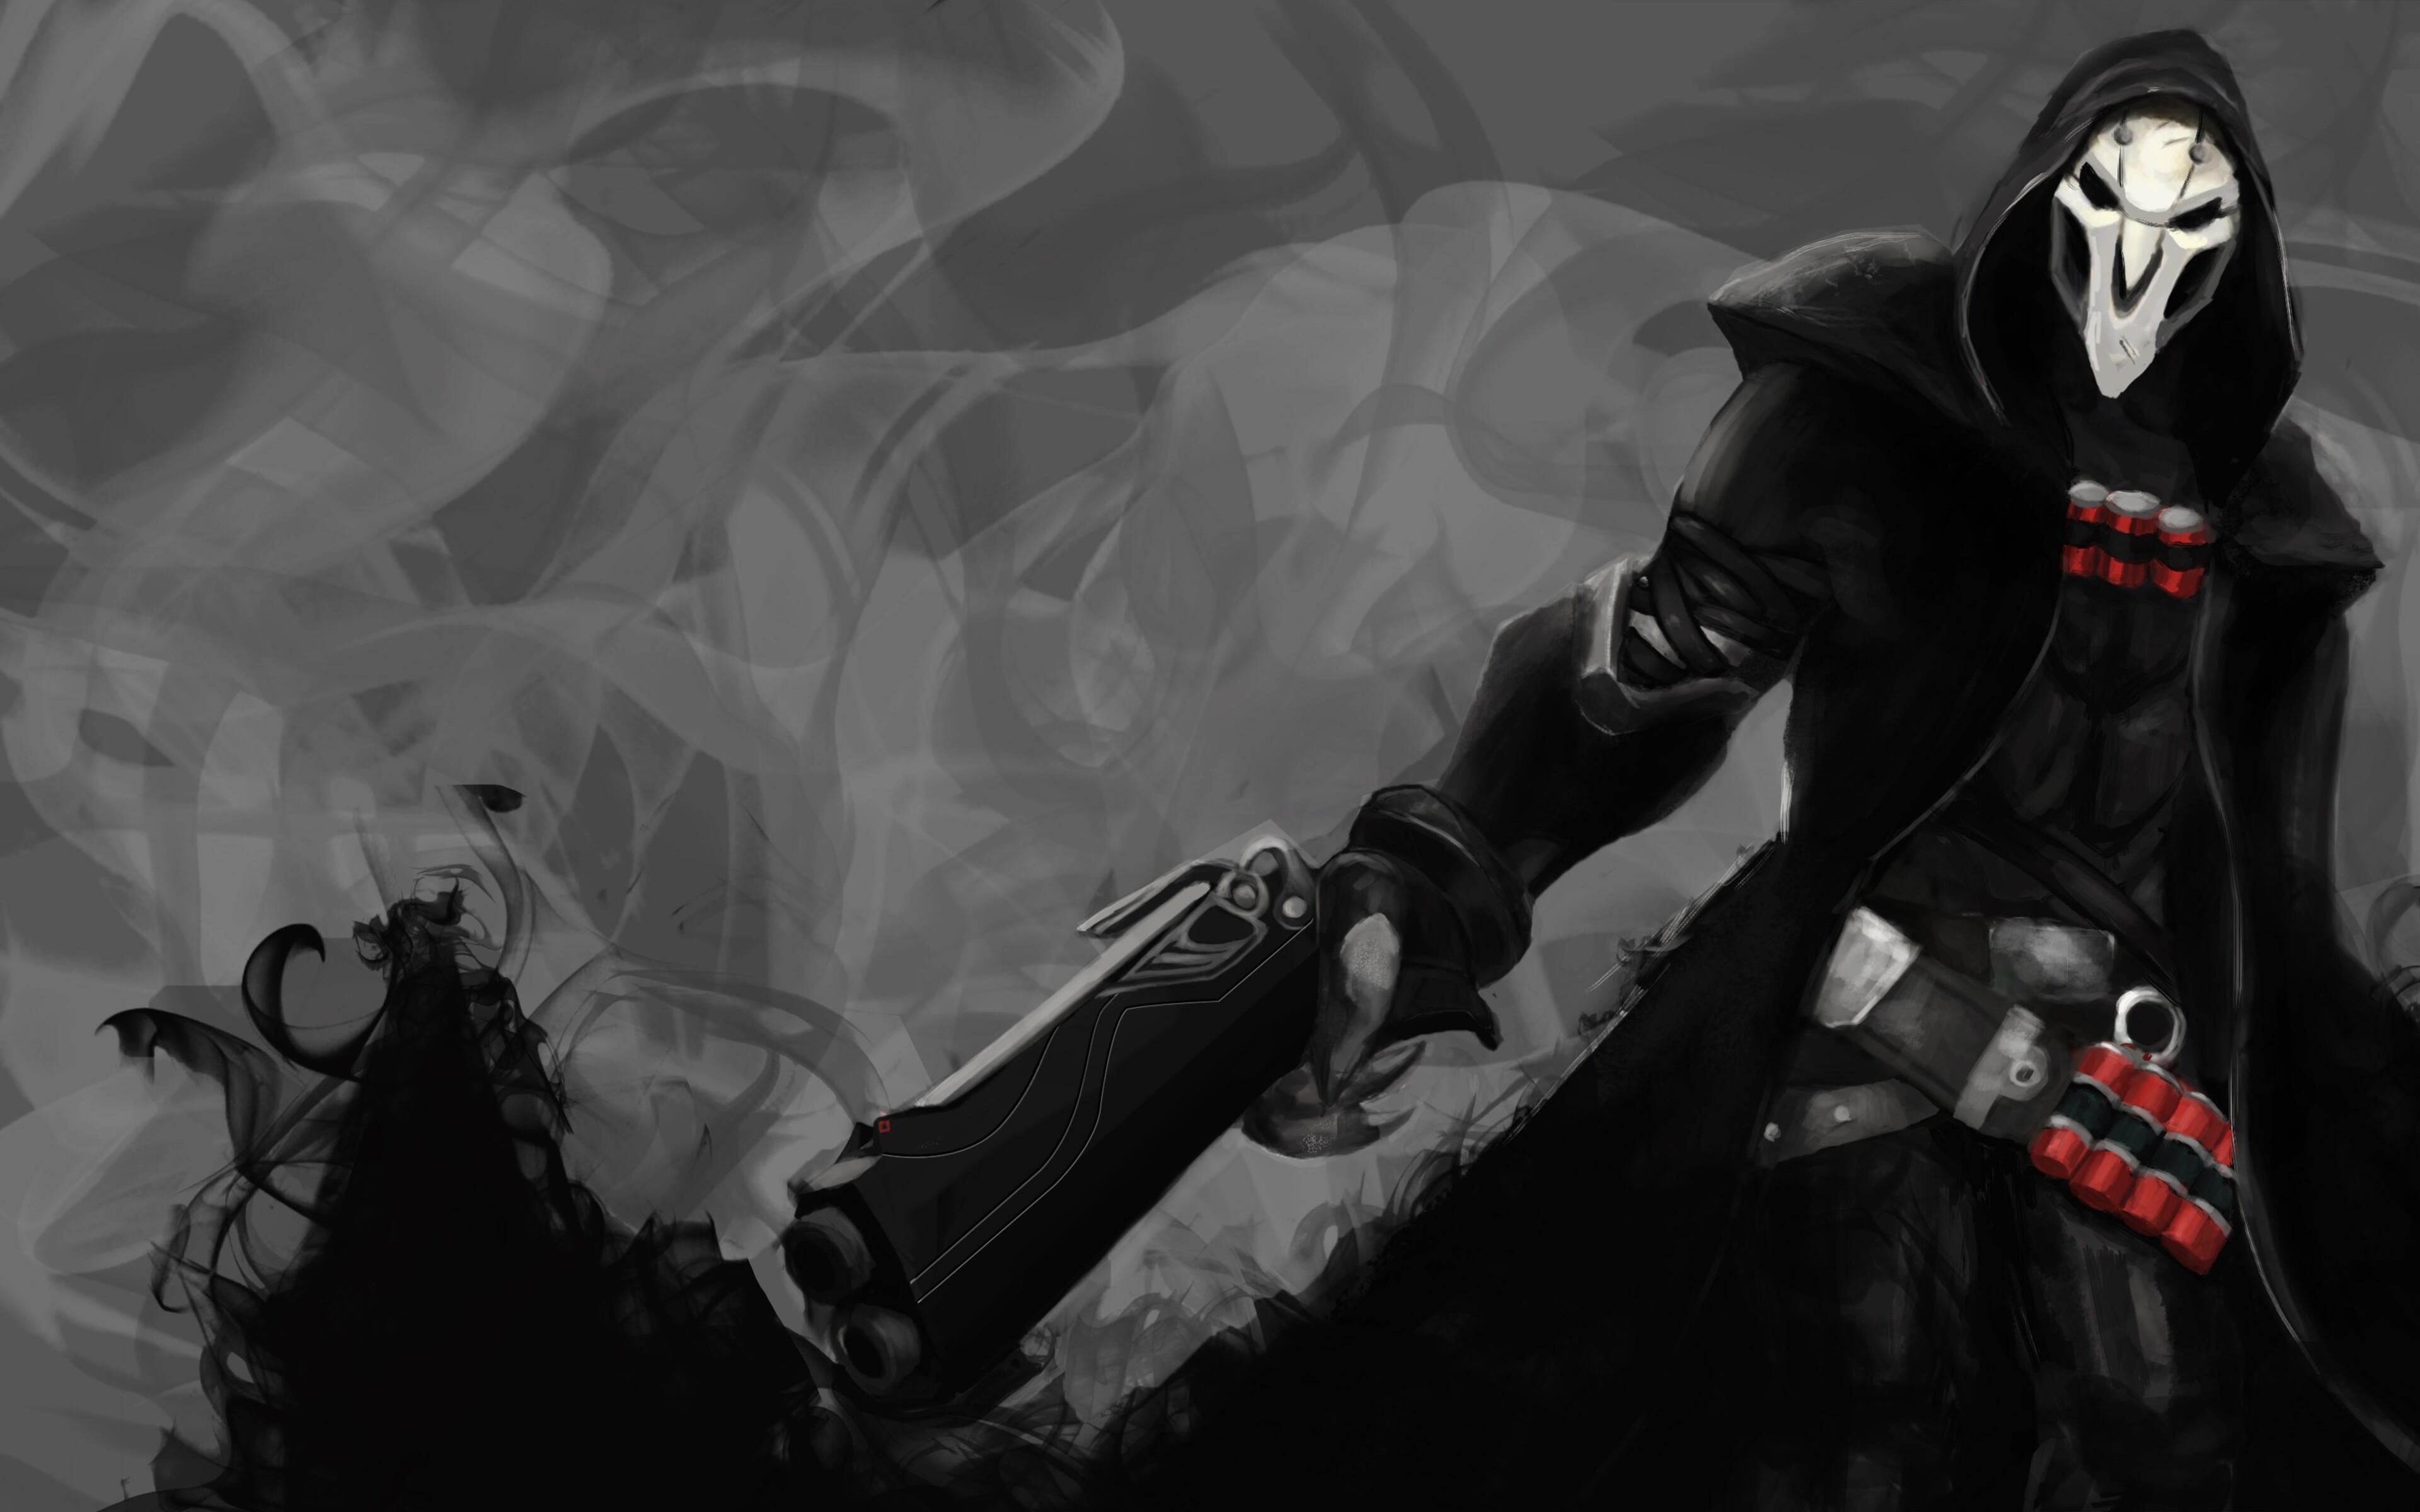 3840x2400 Reaper Overwatch 4k 4k HD 4k Wallpapers, Images ...